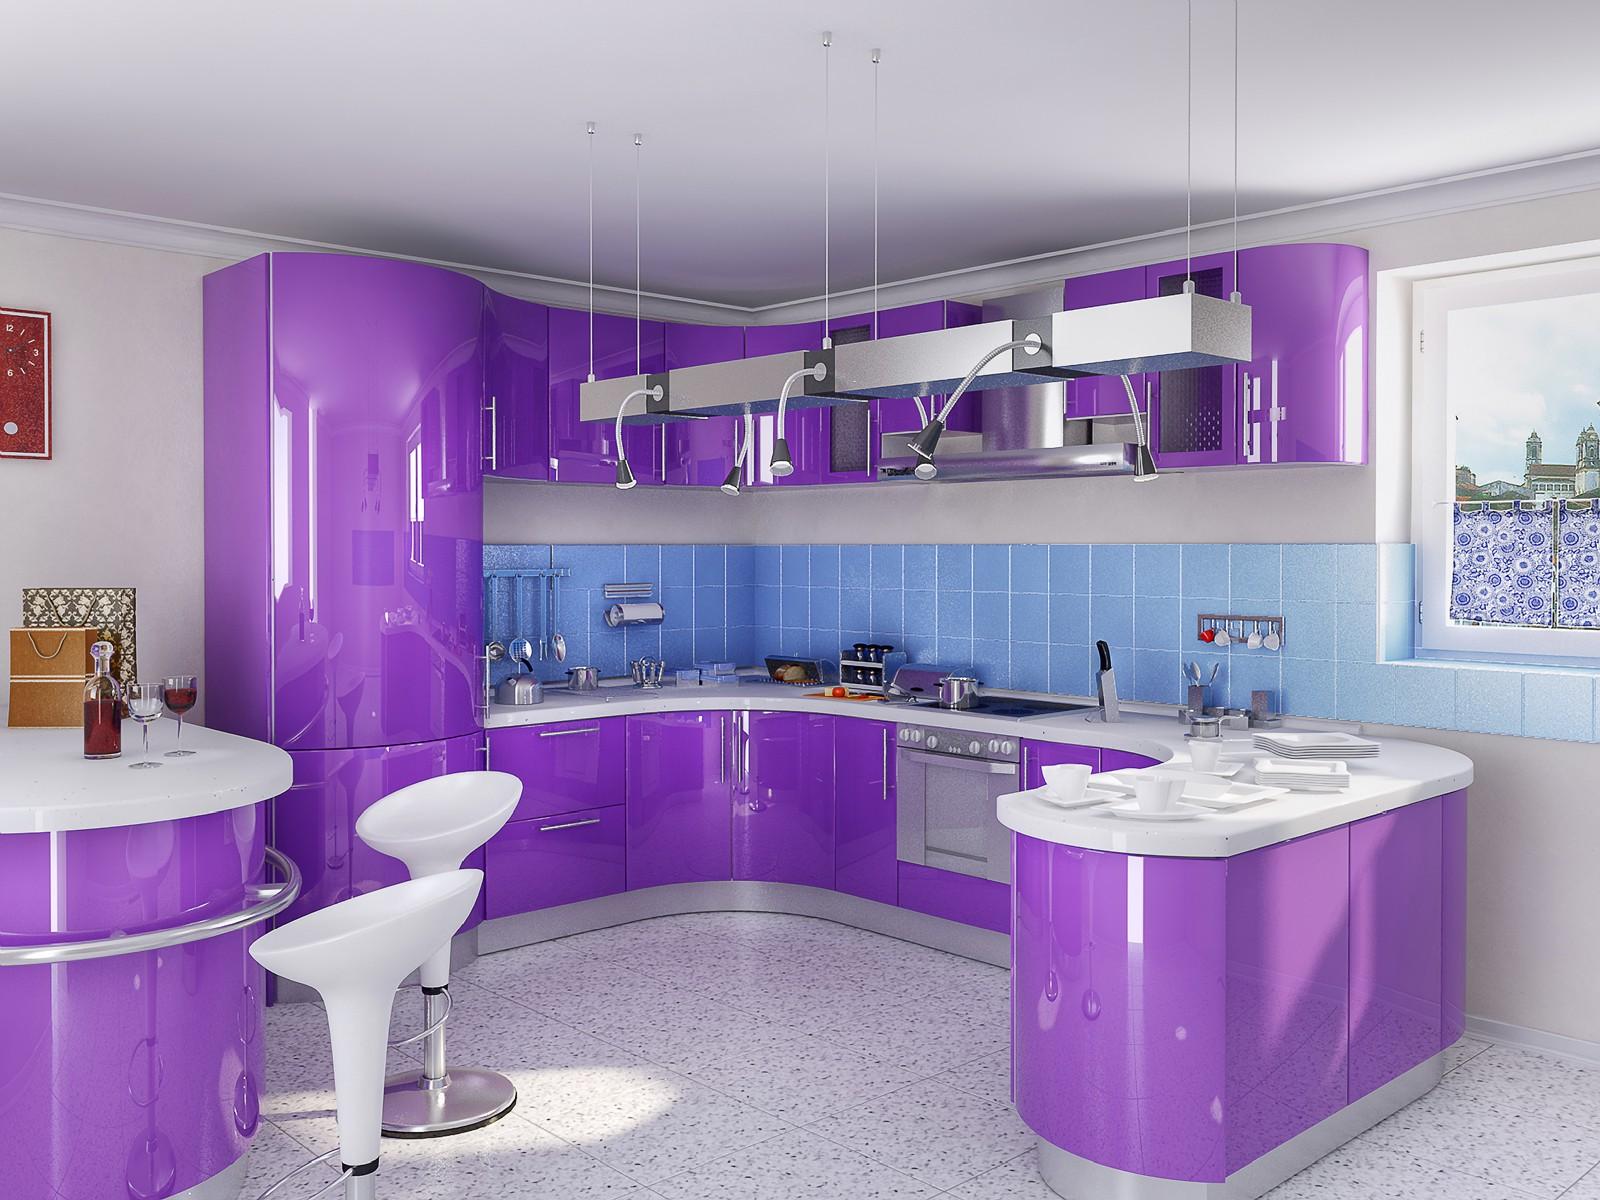 Кухни в туле на заказ от дизайн-студии маэстро. фото, цена, .